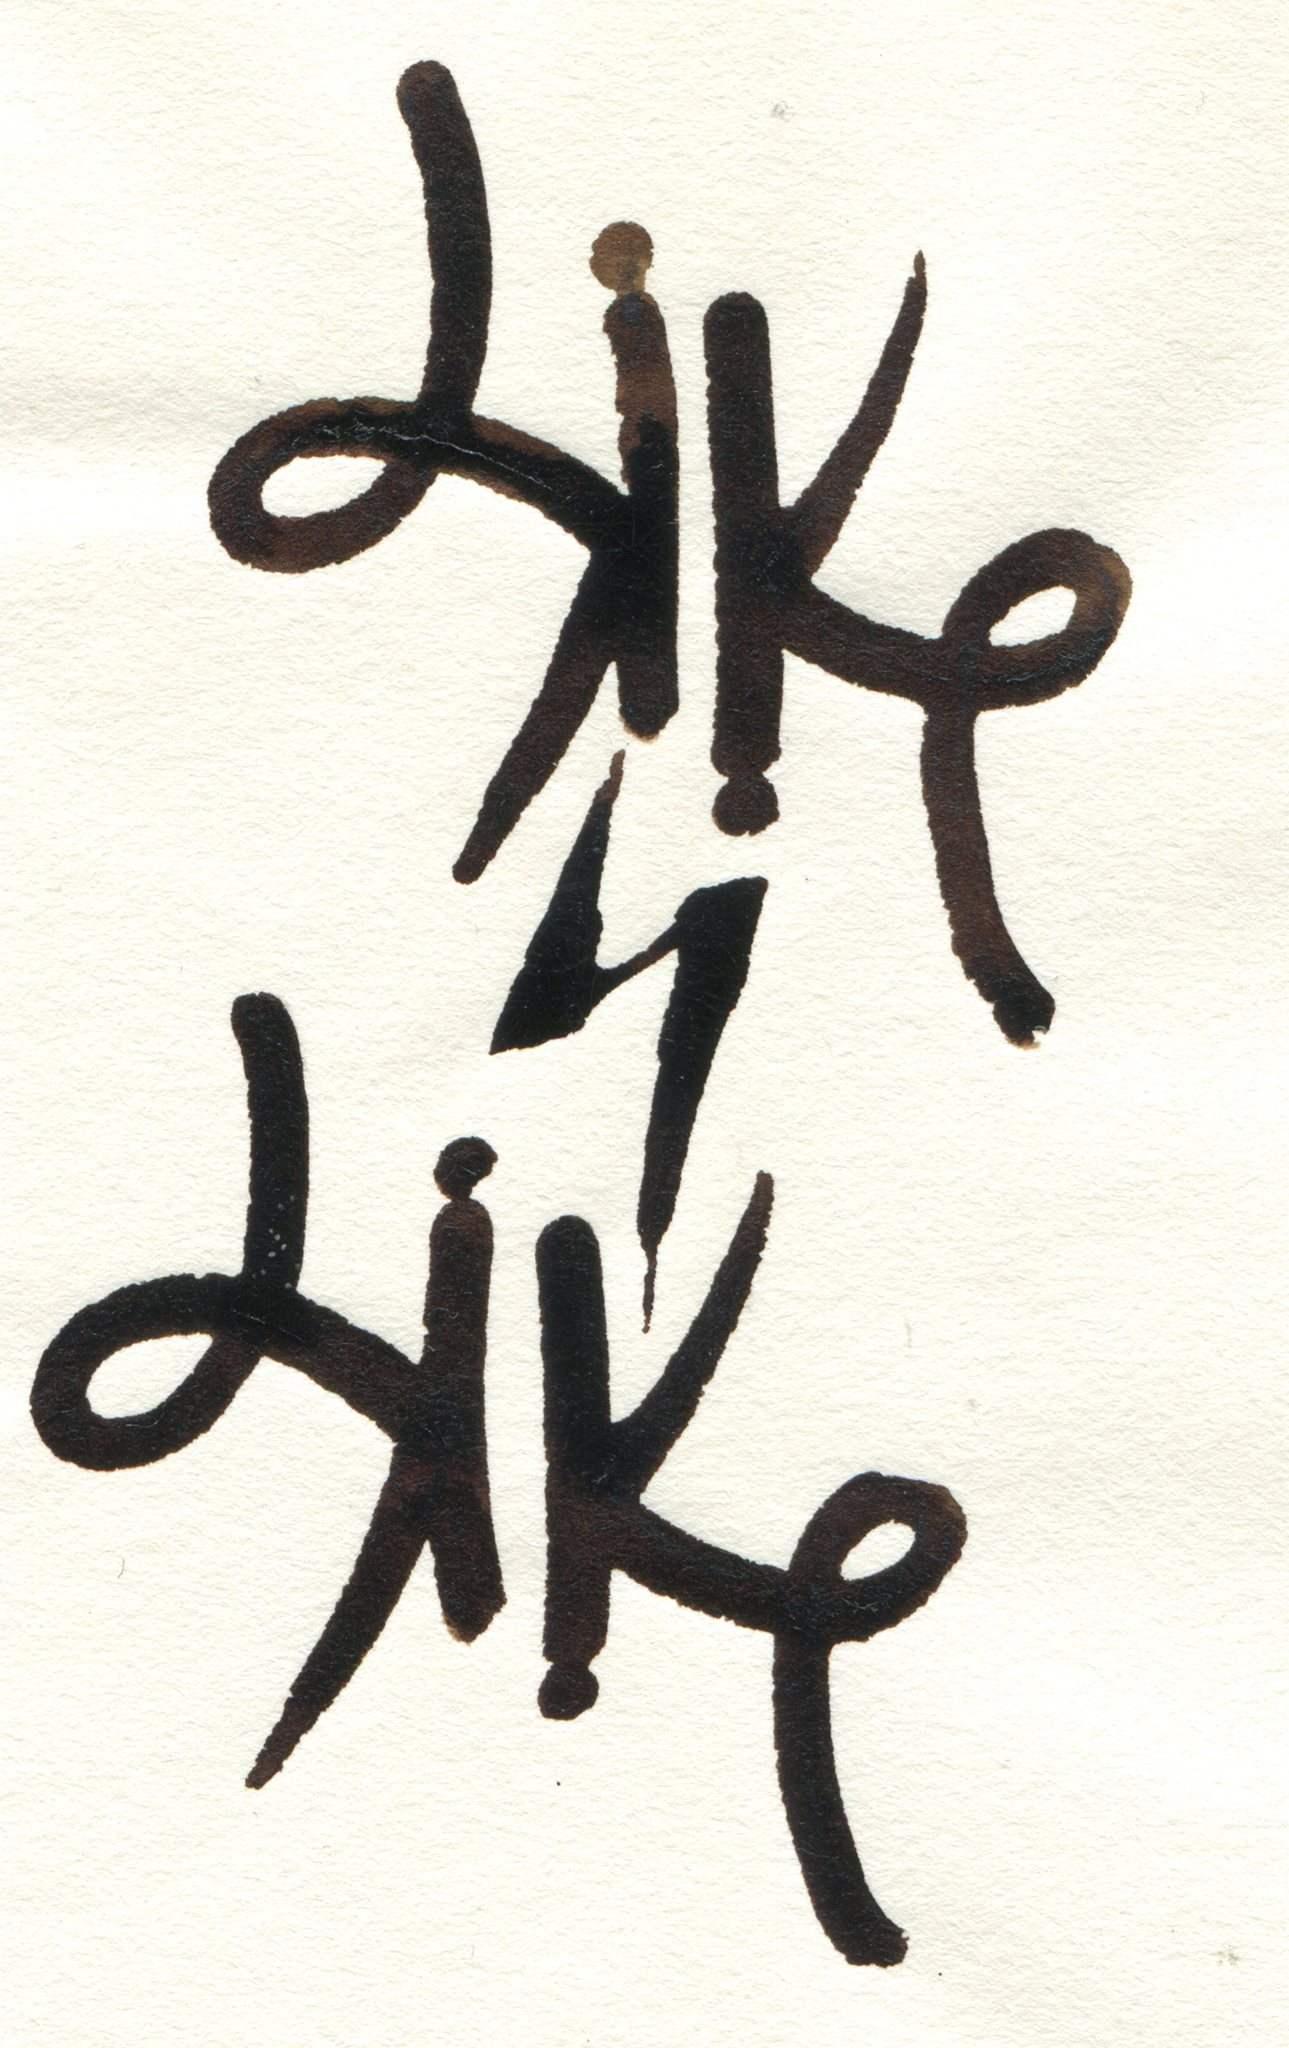 Original Like4like caligrafiado sobre papel con plumilla metálica